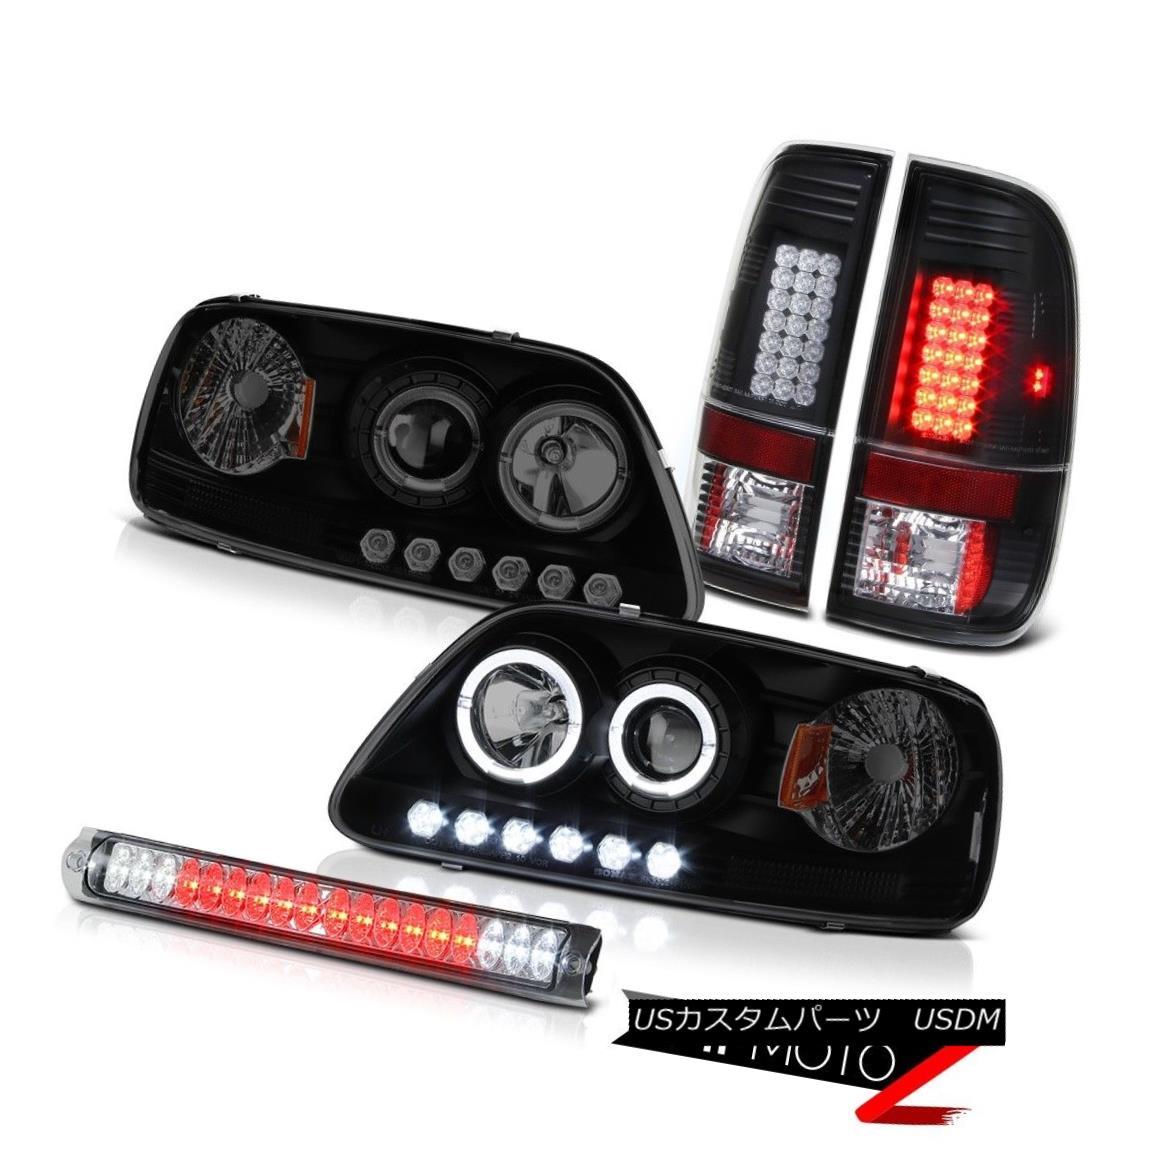 ヘッドライト LED Daytime Headlight Black Taillights Stop Light Chrome F150 Hertiage 1999-2001 LED昼間ヘッドライトブラックテールライトストップライトクロームF150 Heritage 1999-2001